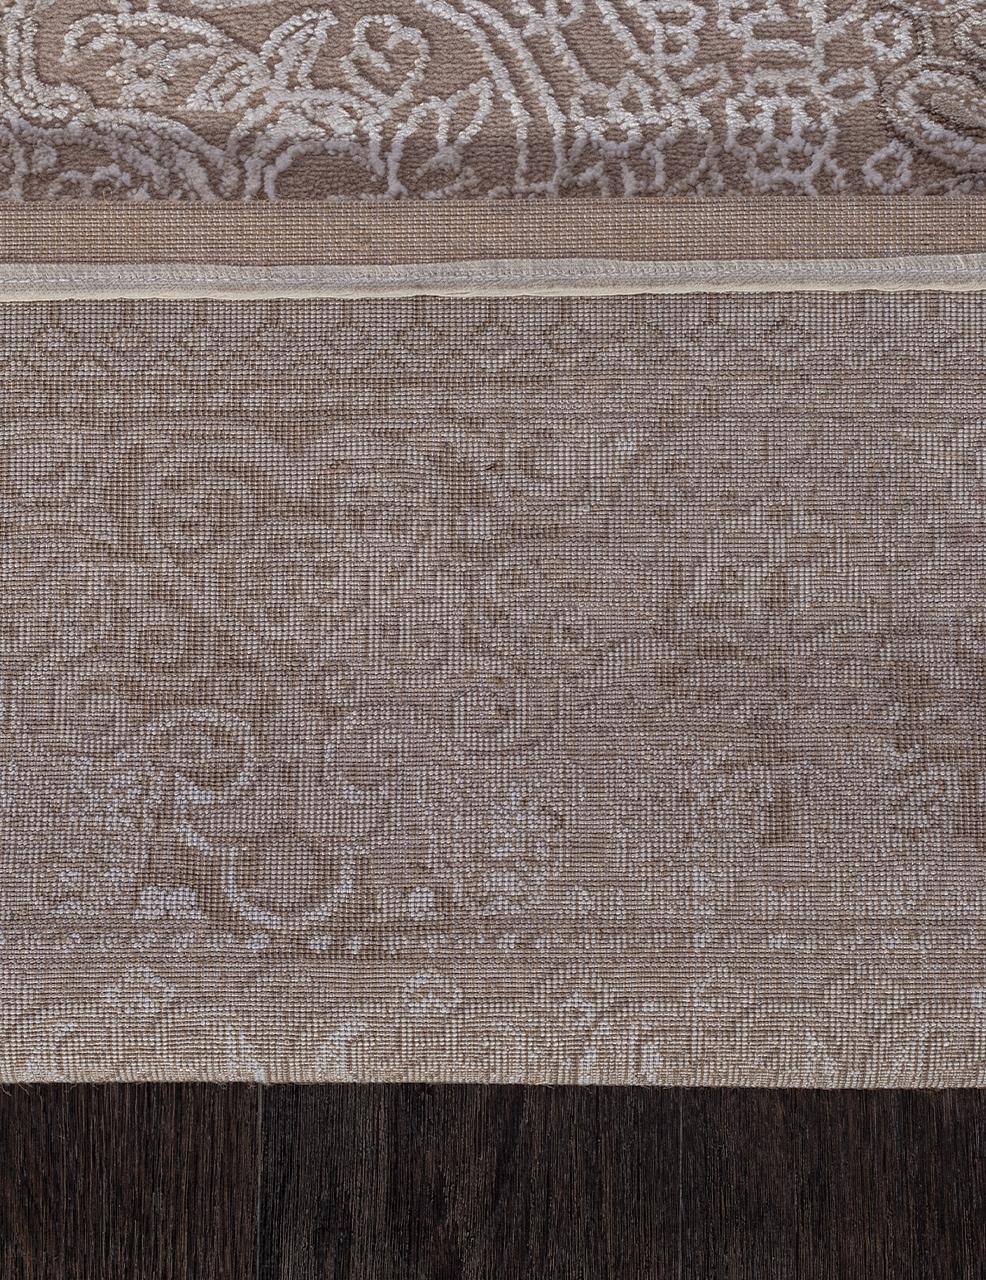 Ковер 03704A - BROWN / BROWN - Прямоугольник - коллекция ARMINA - фото 5